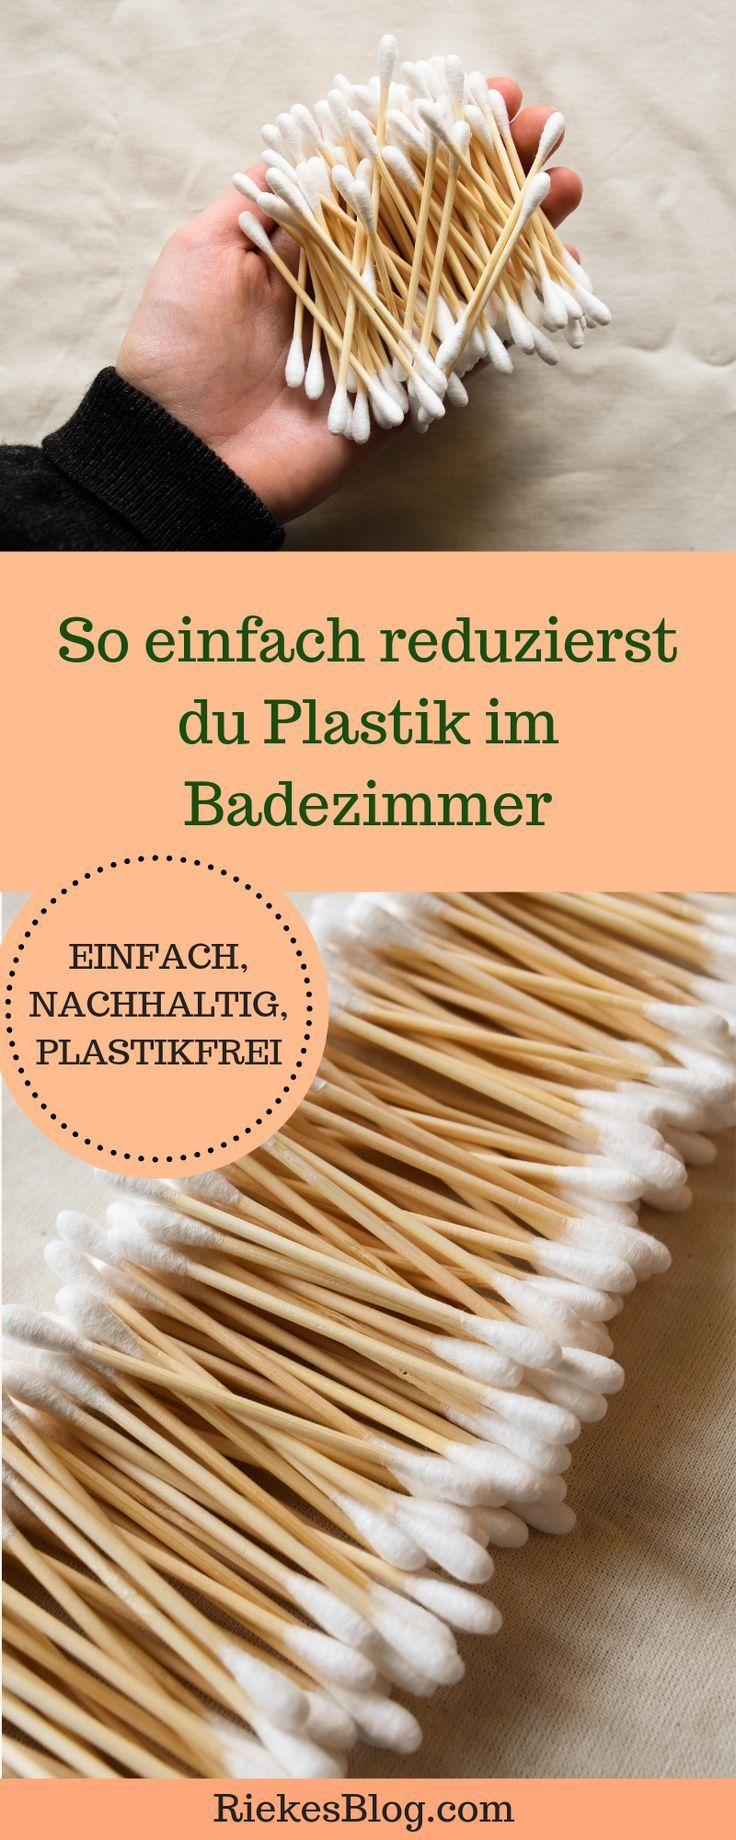 Wattestabchen Ohne Plastik Plastikfrei Im Badezimmer Part 1